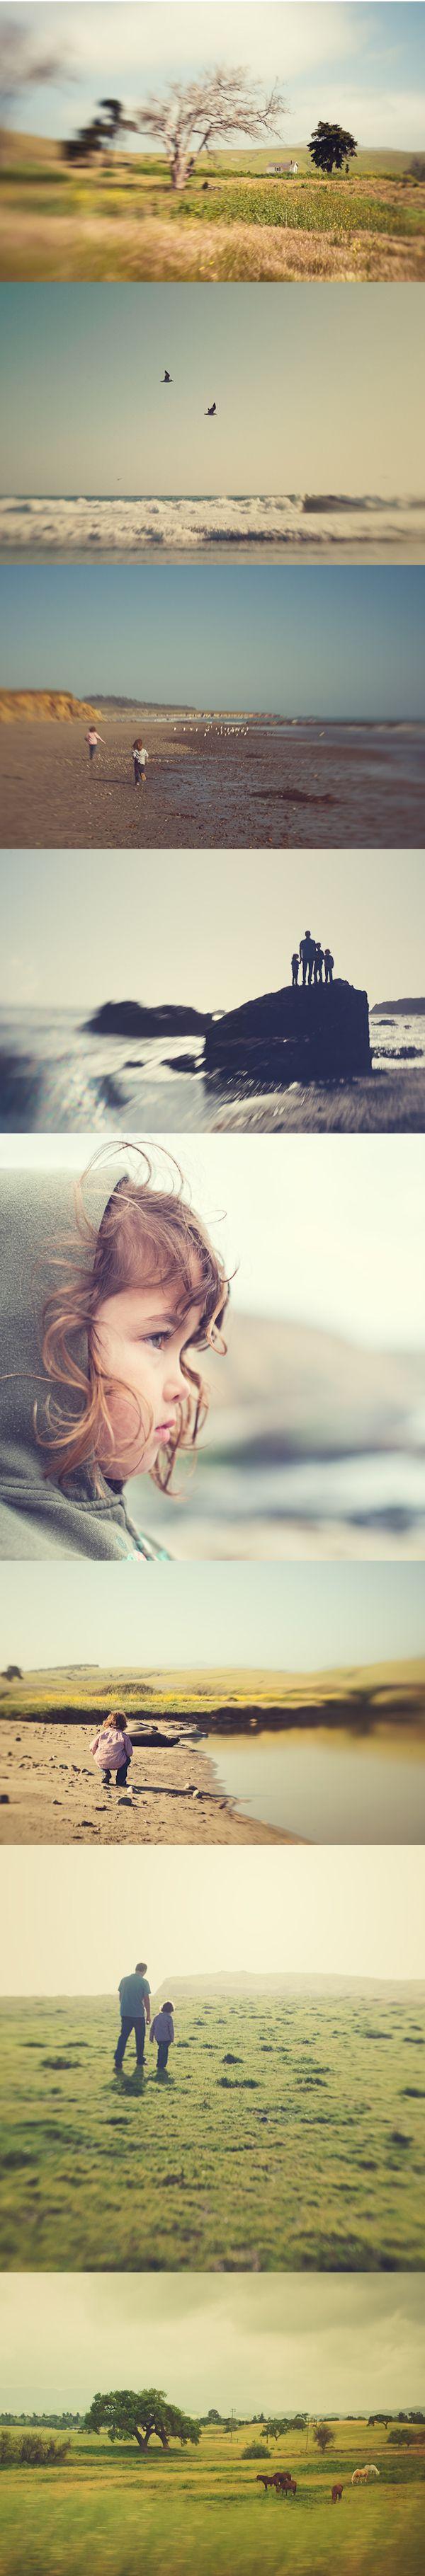 Beautiful images by Leah Zawadzki #seeinanewway #lensbaby